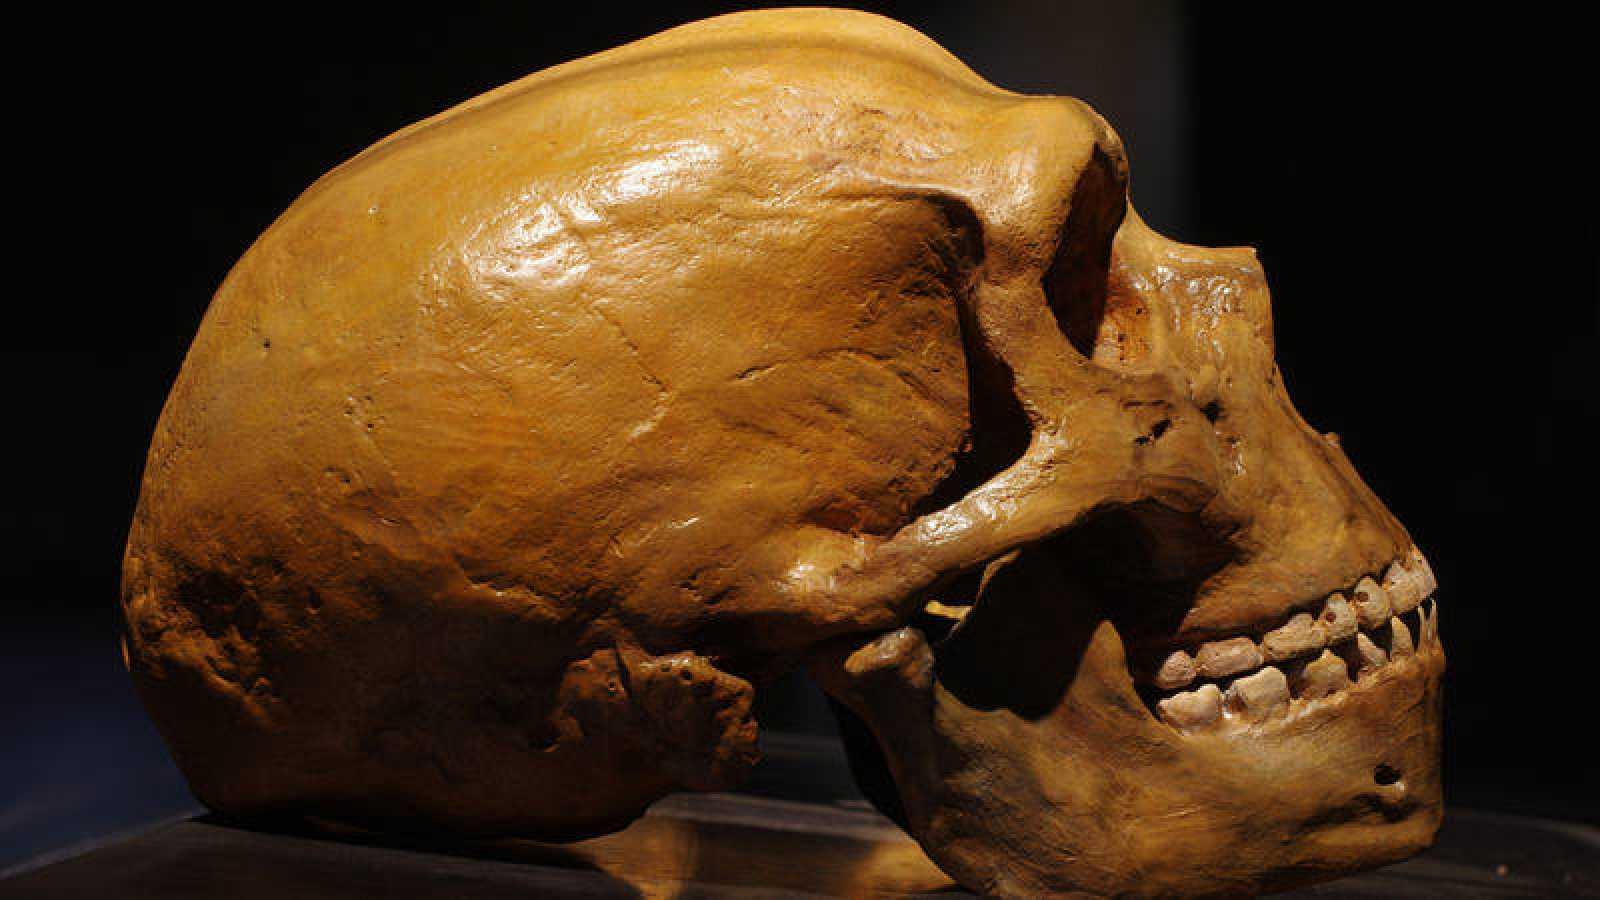 Imagen de una calavera neandertal, en la que se puede apreciar su mayor capacidad craneal.